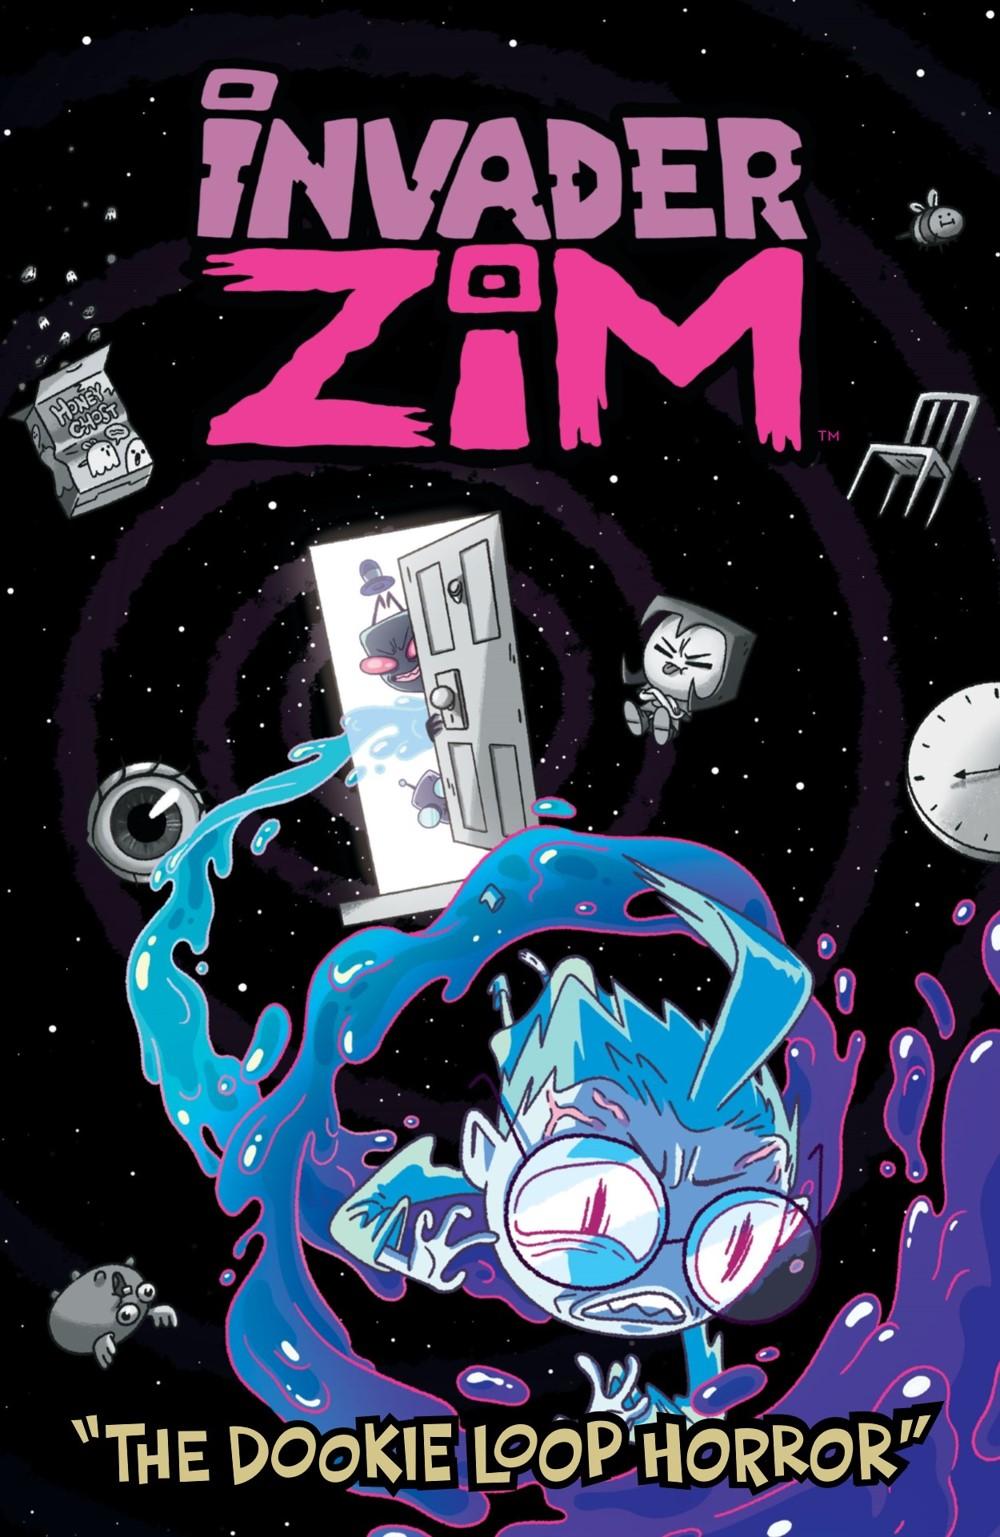 INVADERZIM-DOOKIE-LOOP-HORROR-MARKETING-04 ComicList Previews: INVADER ZIM THE DOOKIE LOOP HORROR #1